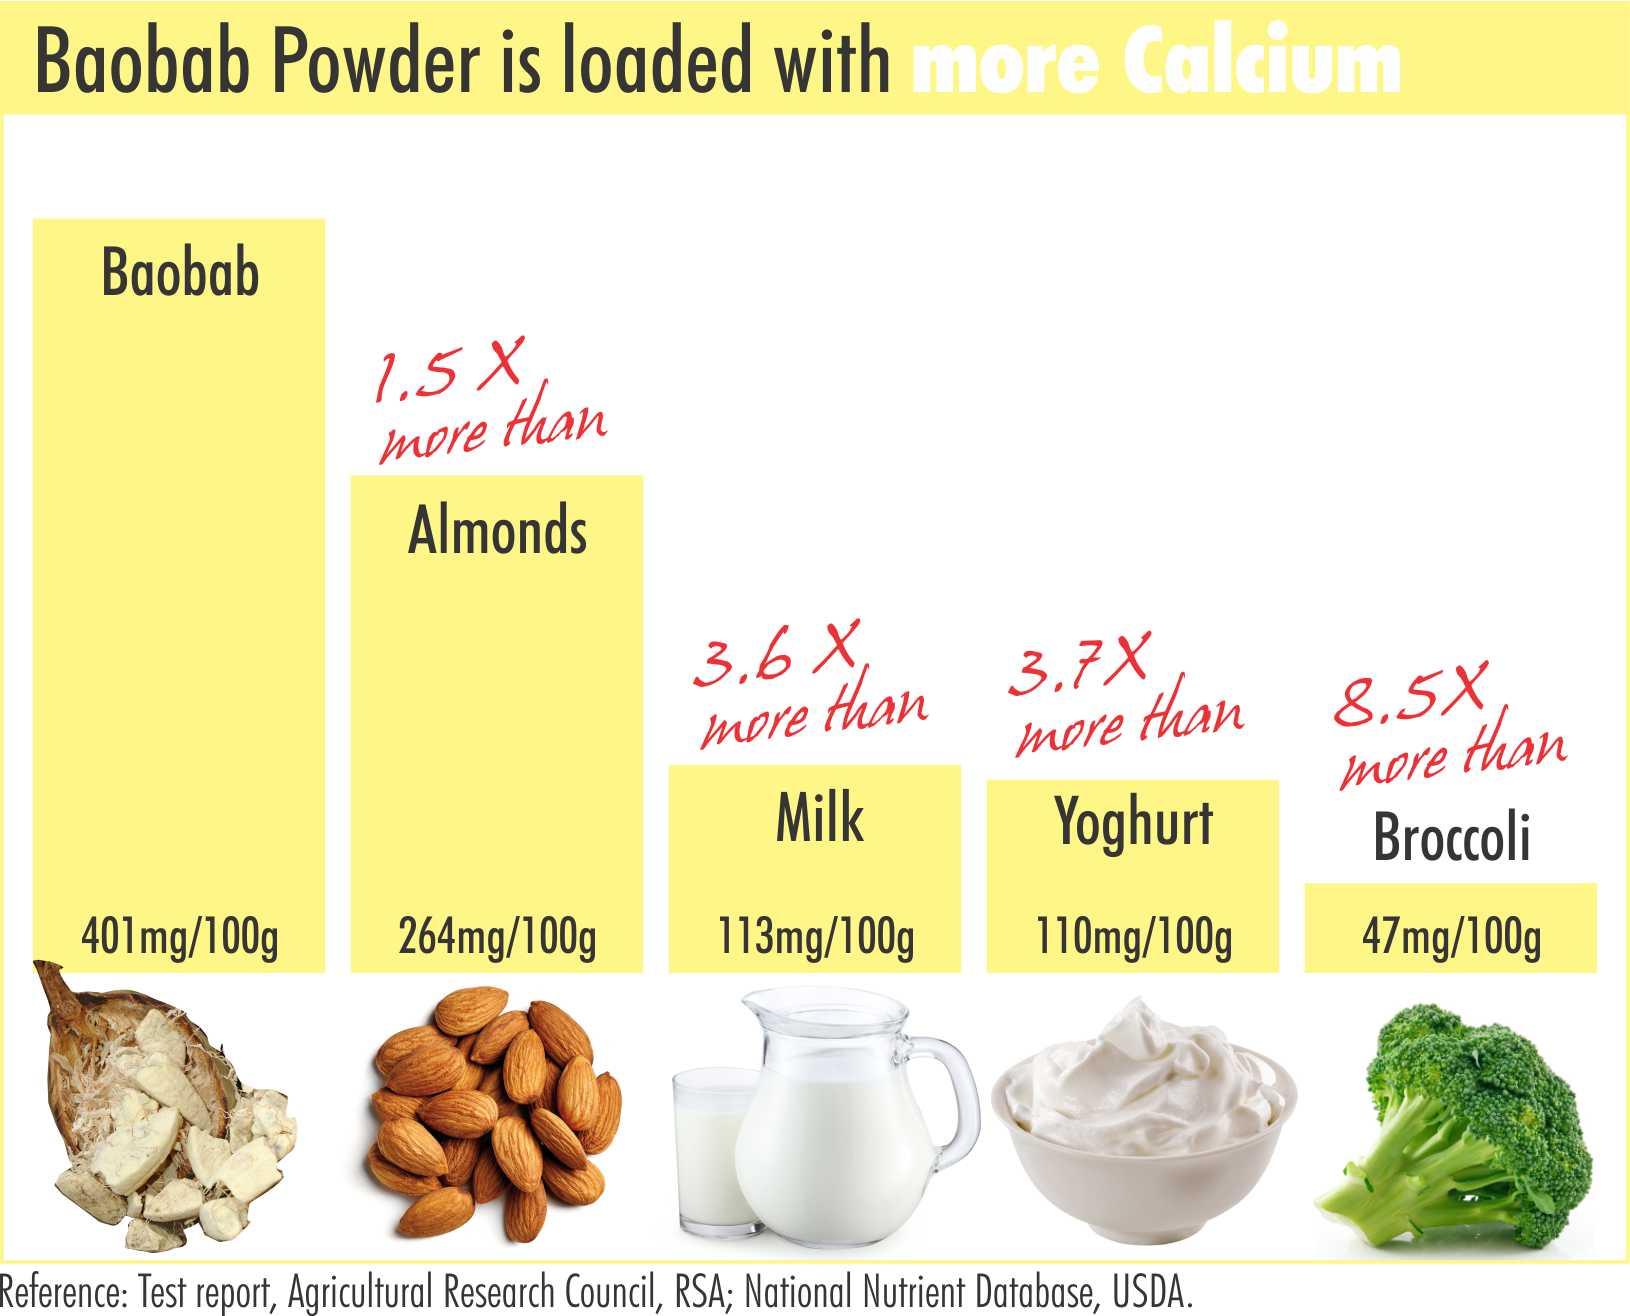 Baobab powder for children